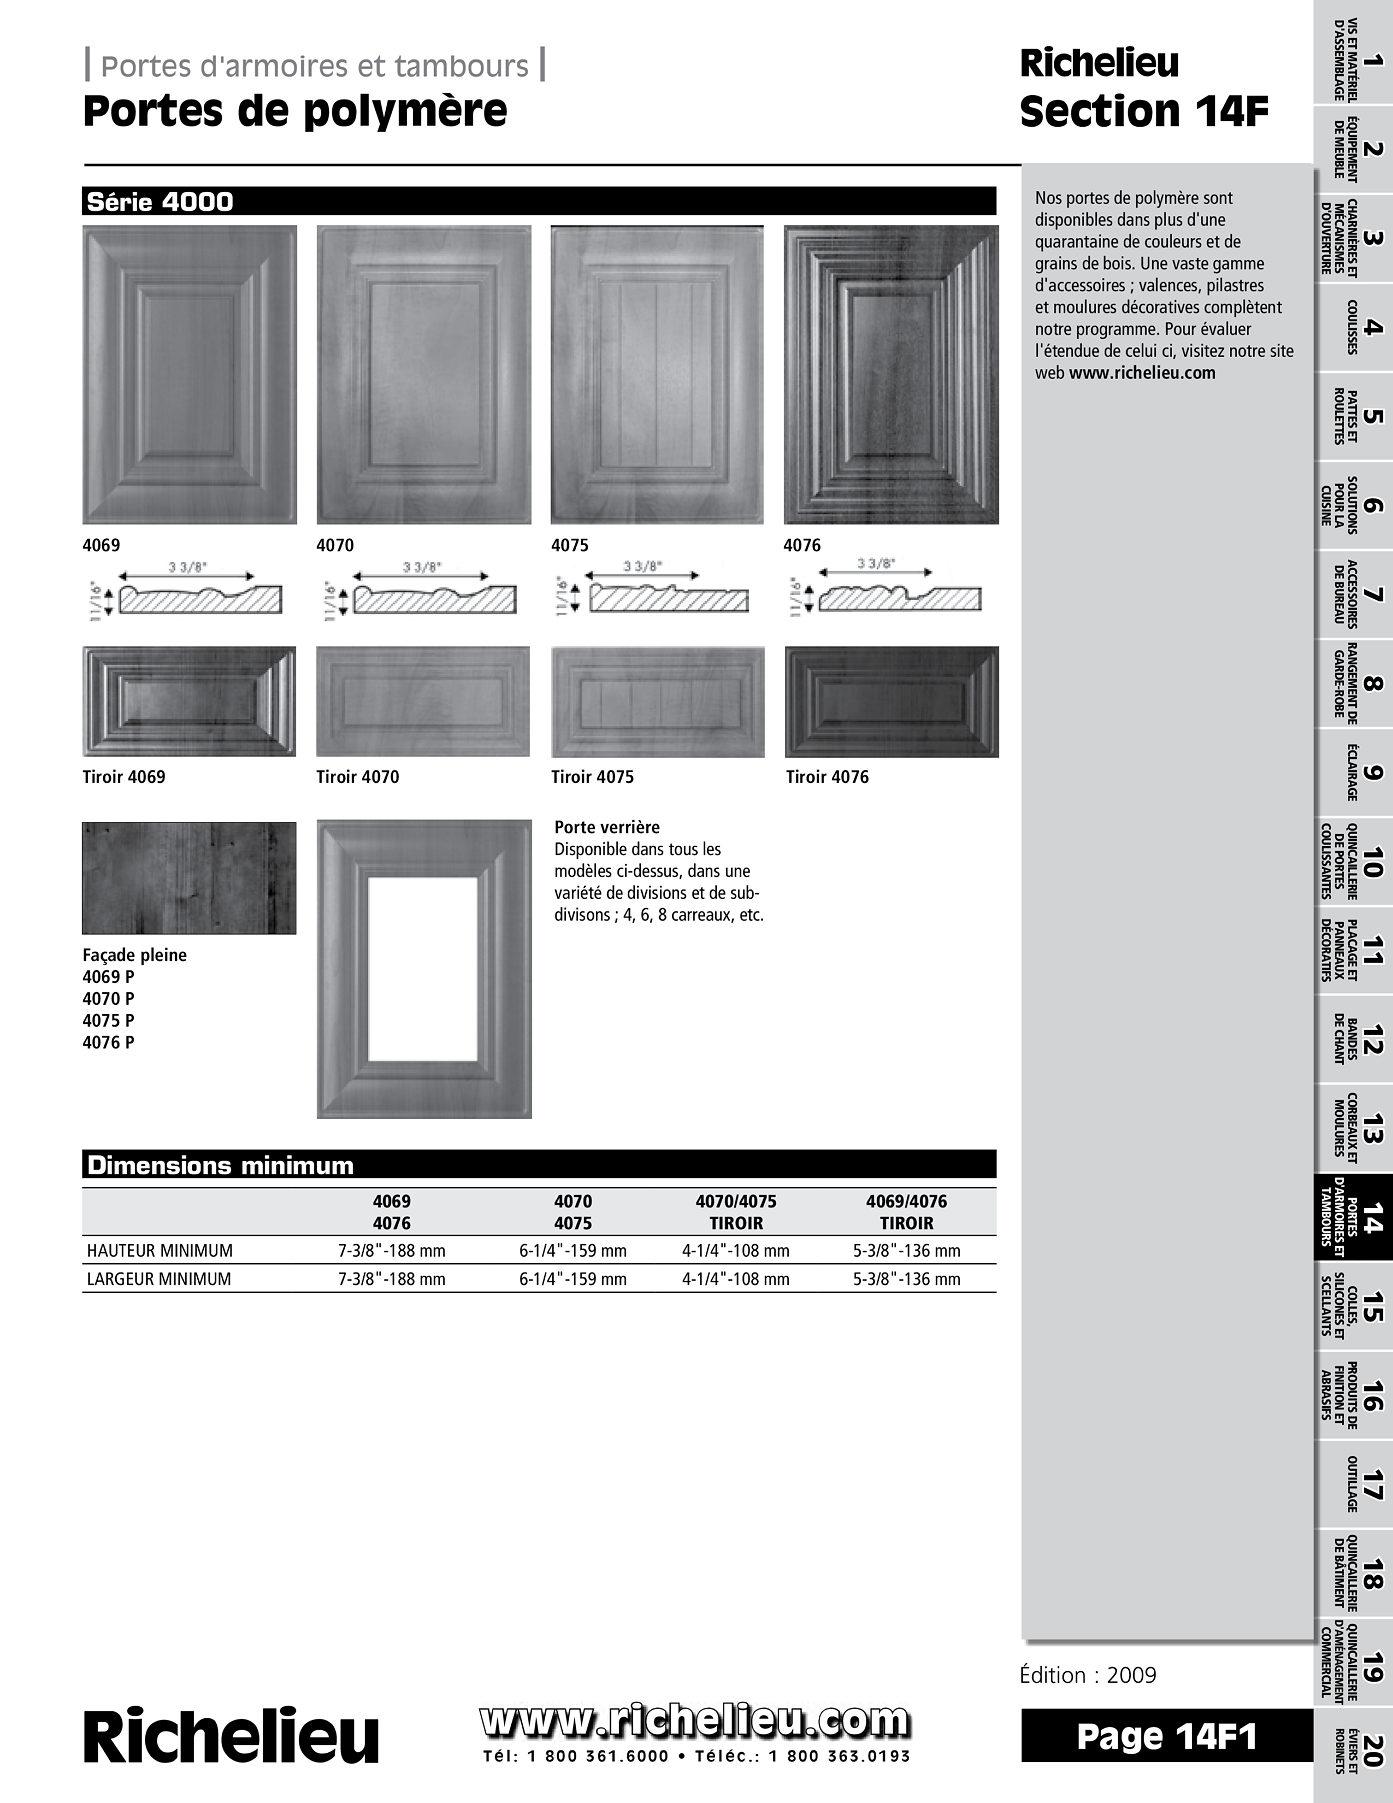 librairie des catalogues richelieu portes de polym re page 1 quincaillerie richelieu. Black Bedroom Furniture Sets. Home Design Ideas